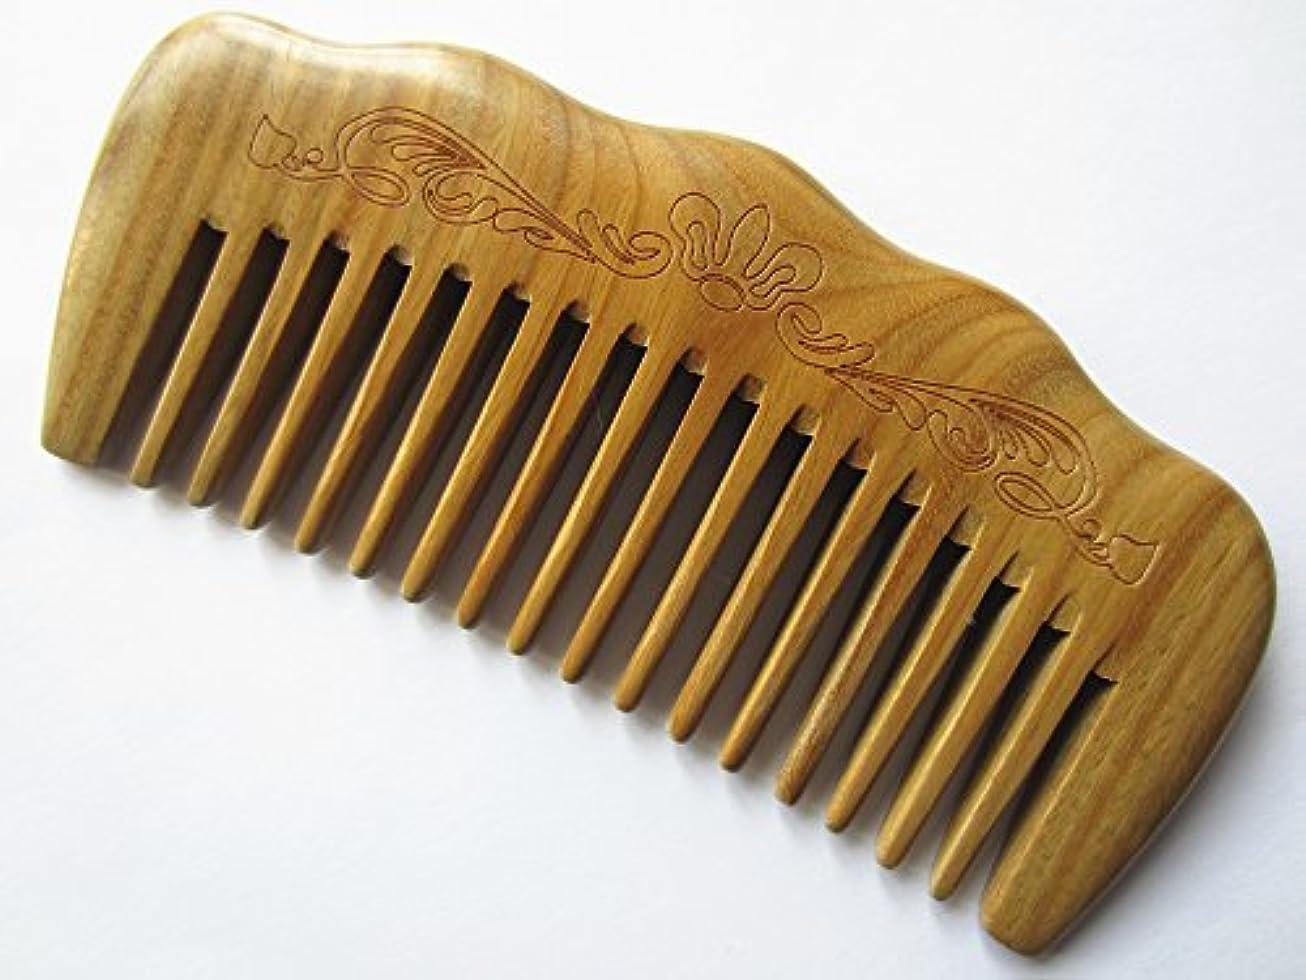 プロット装置ビリーMyhsmooth Gs-by-mt Wide Tooth Wood Handmade Natural Green Sandalwood No Static Comb with Aromatic Scent for Detangling...